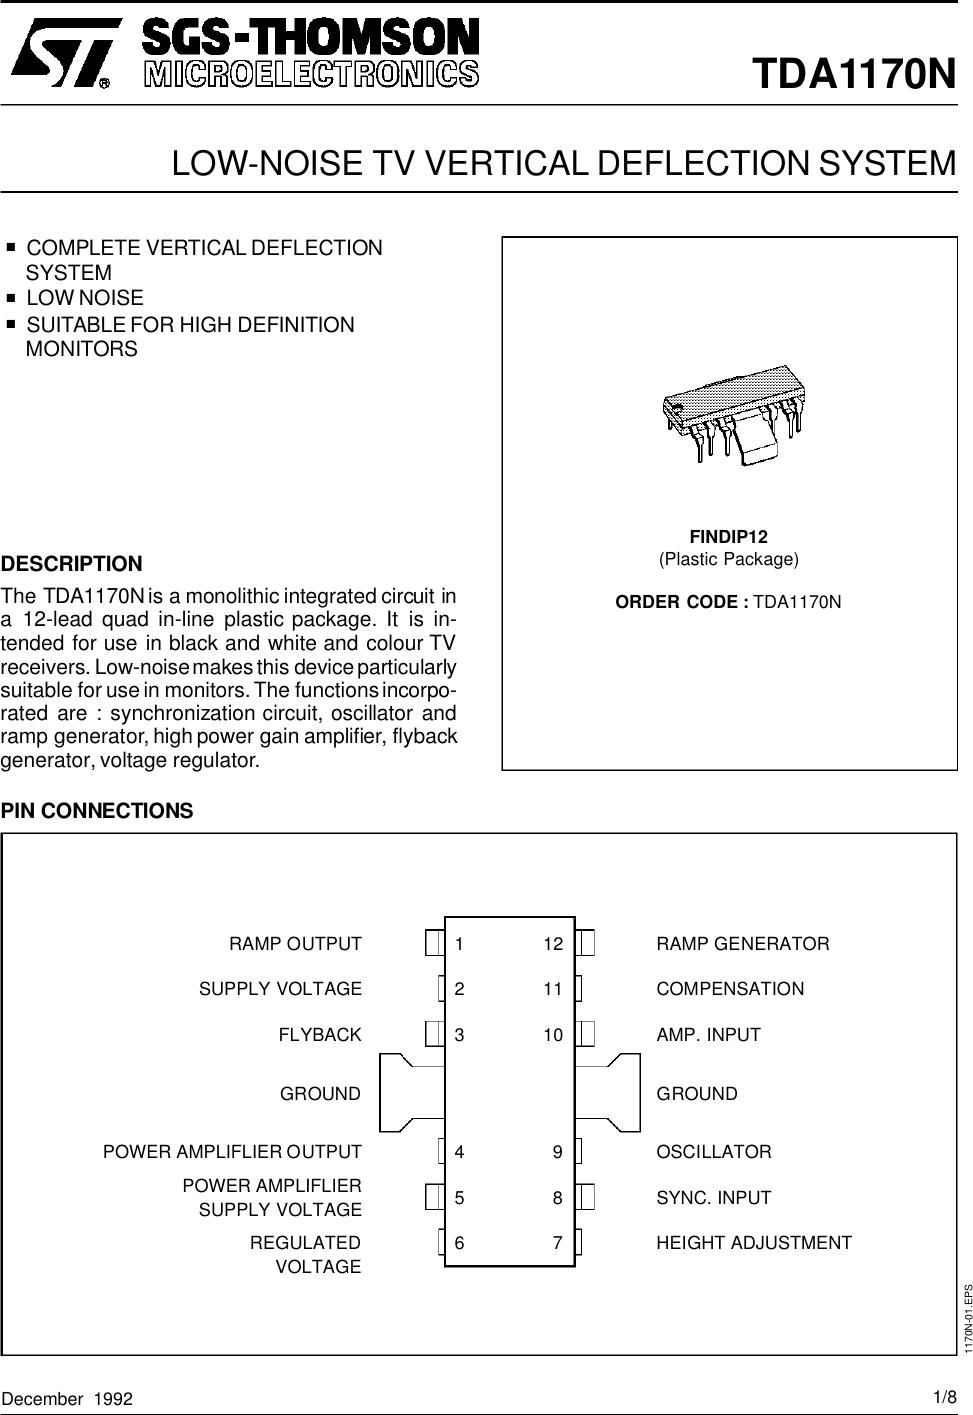 Los conectores o enchufes plana acodadas fundas de conector plano amarillo aislado 6,3x0,8mm 100st.